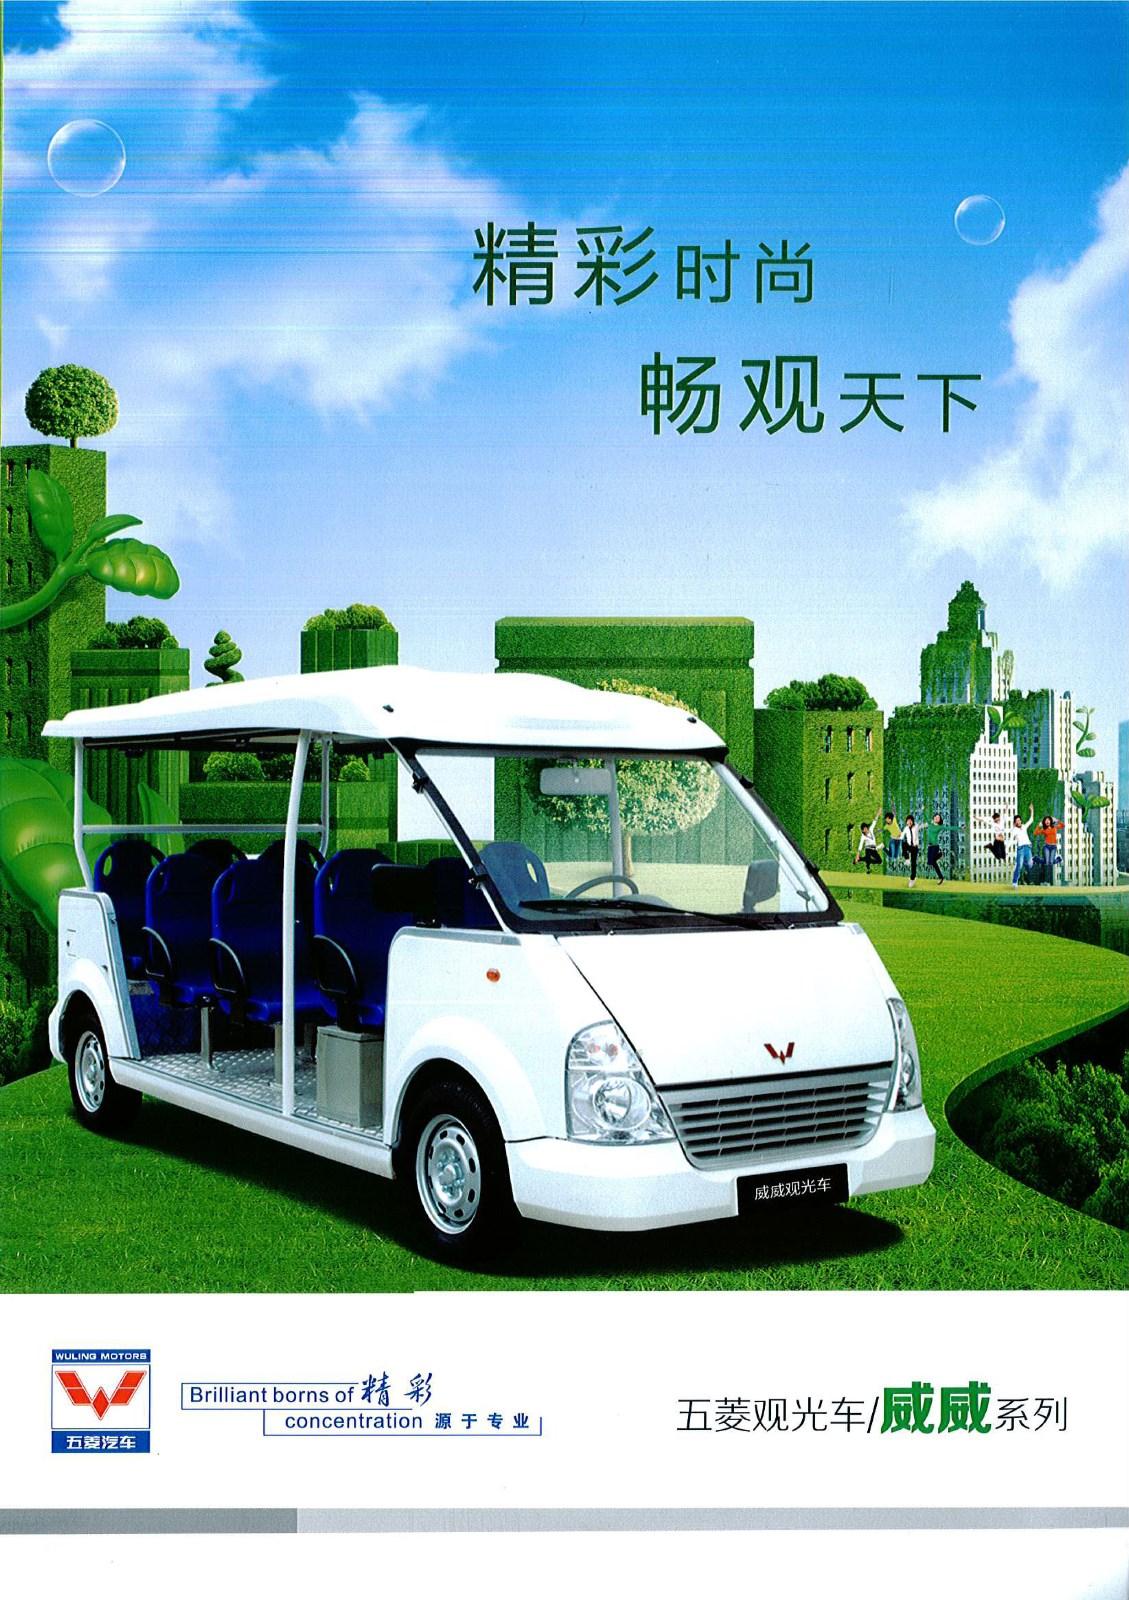 五菱观光车VV系列_1.jpg